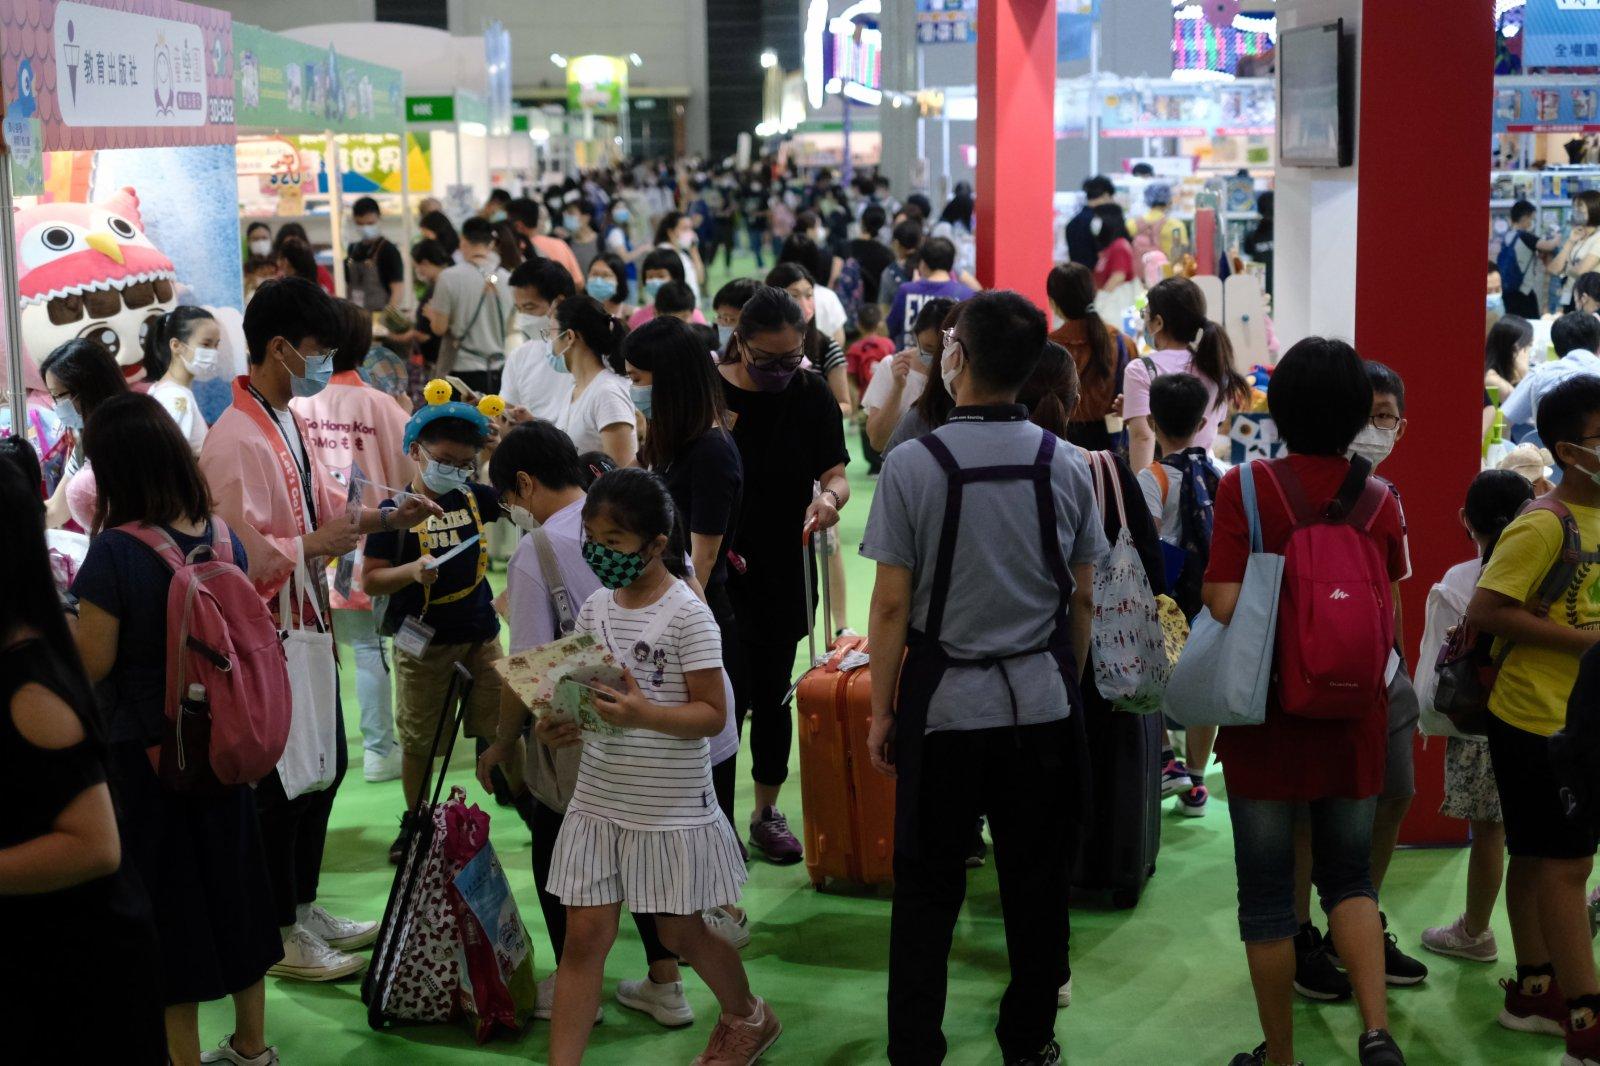 書展開幕,很多家長帶小朋友一起購書。(香港文匯報)